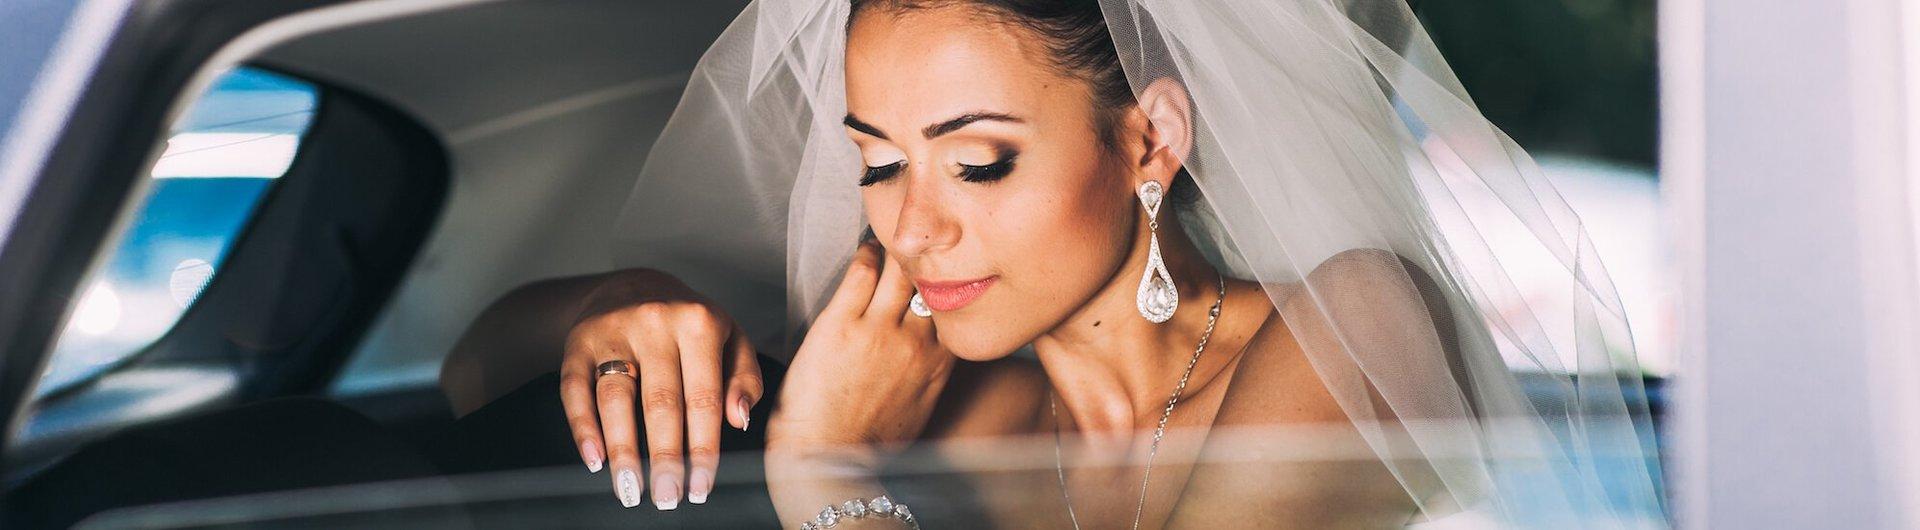 wedding limo pittsburgh